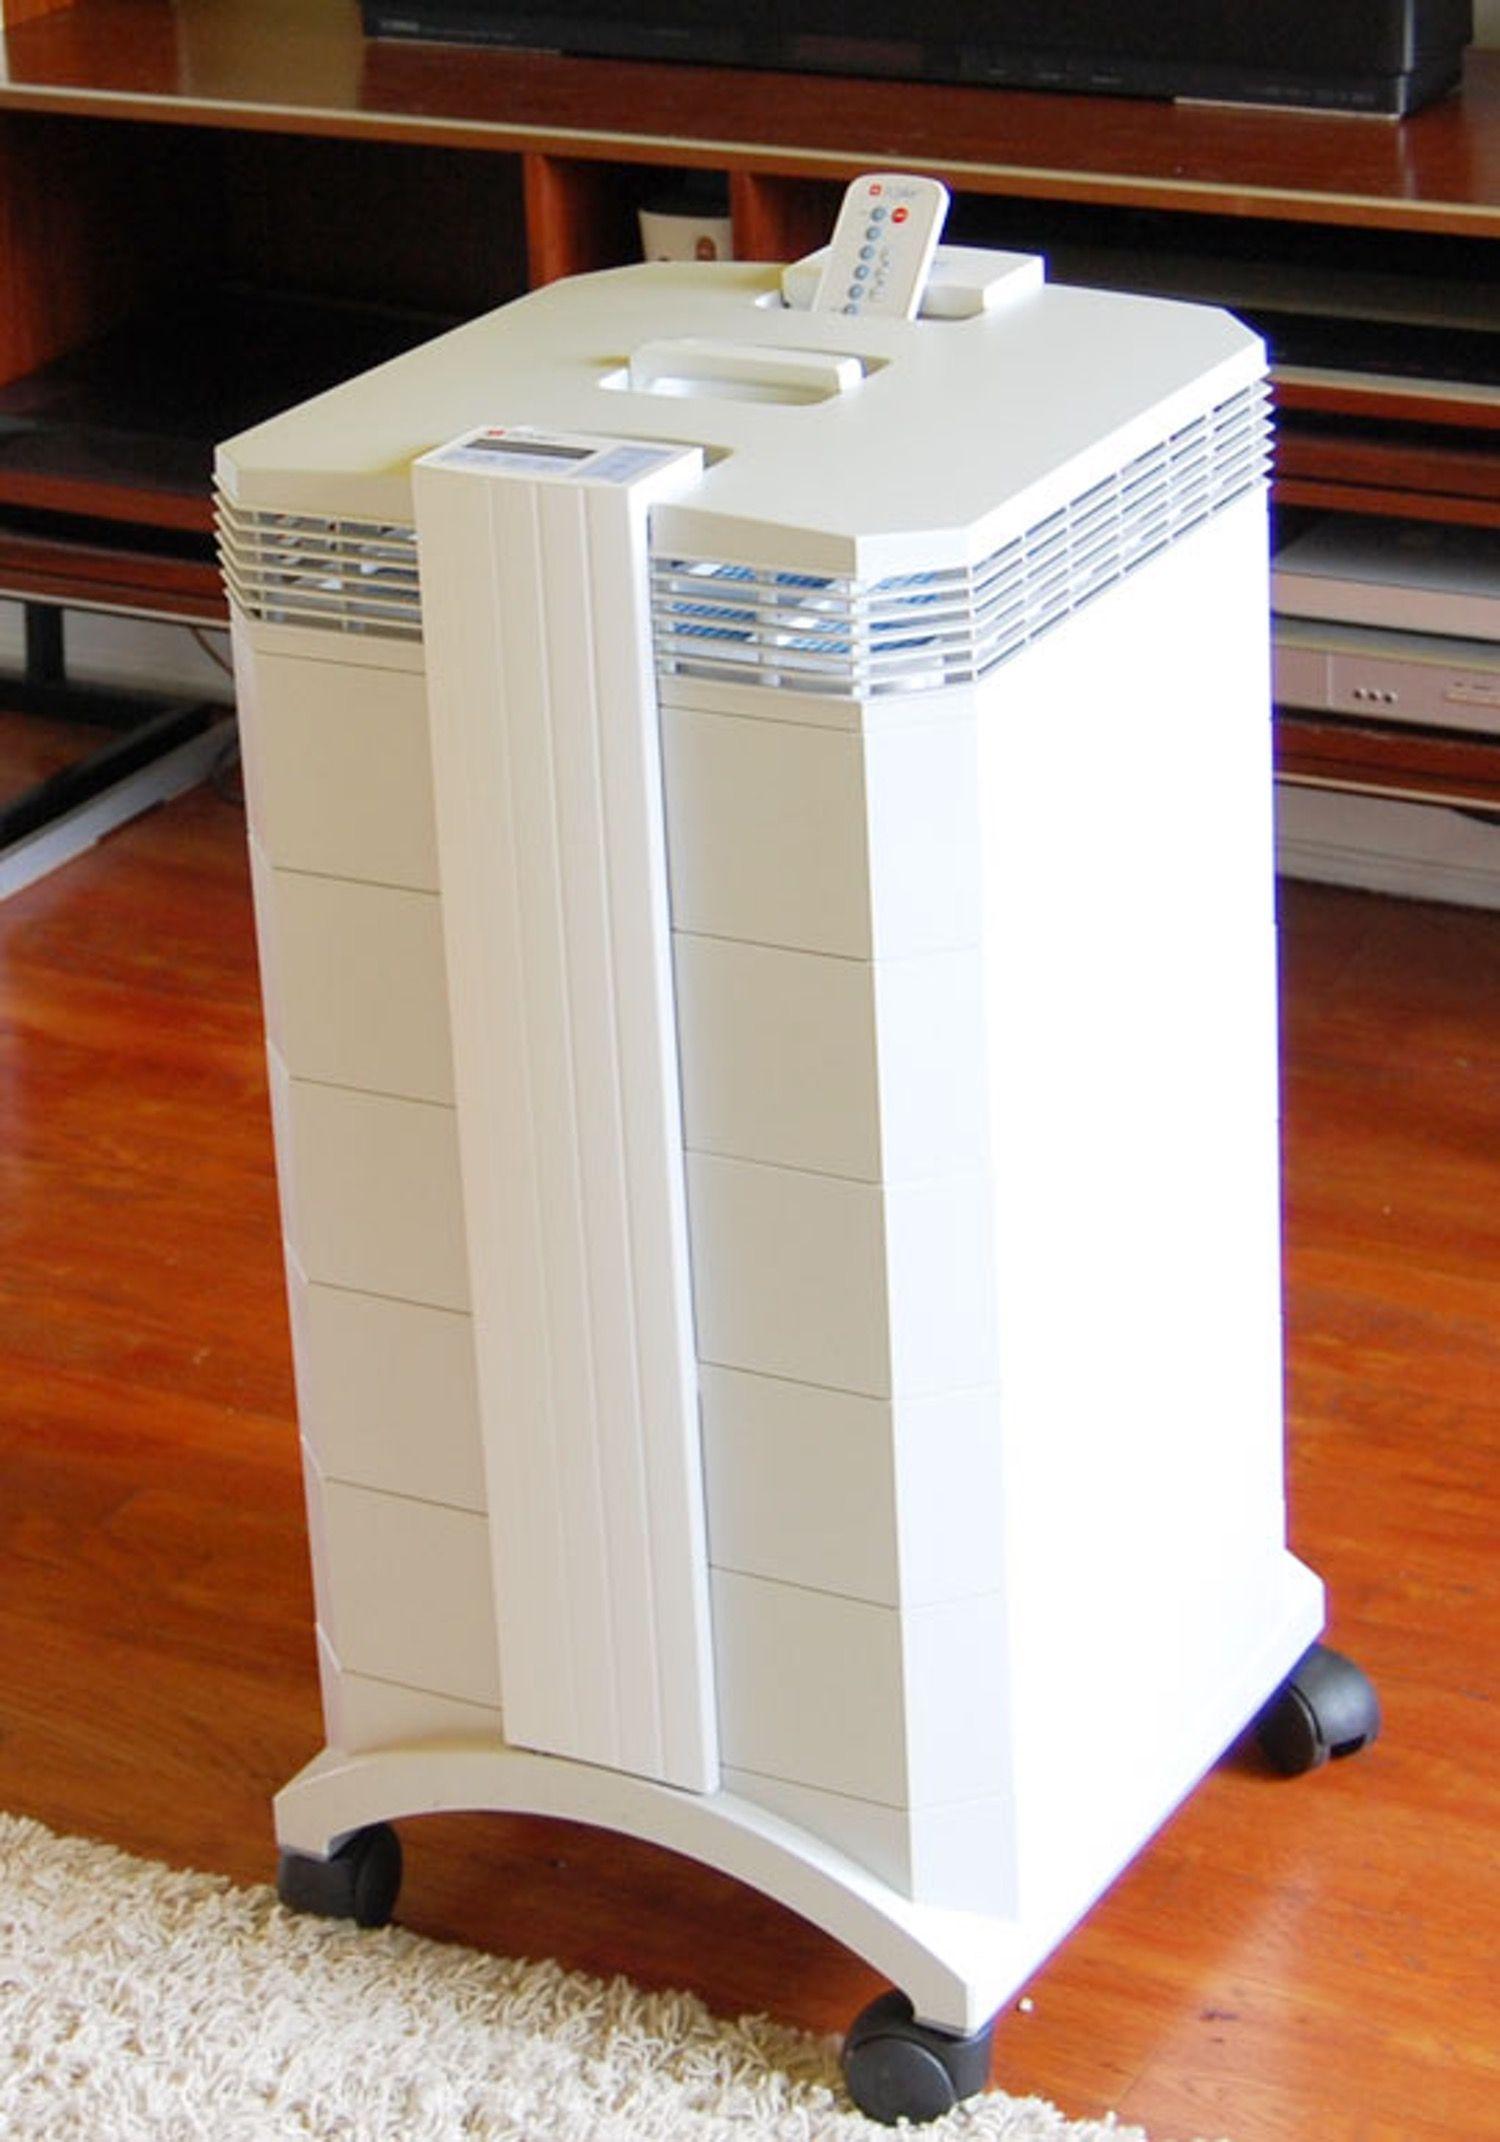 Best Product IQAir HealthPro Plus Hepa air filter, Best